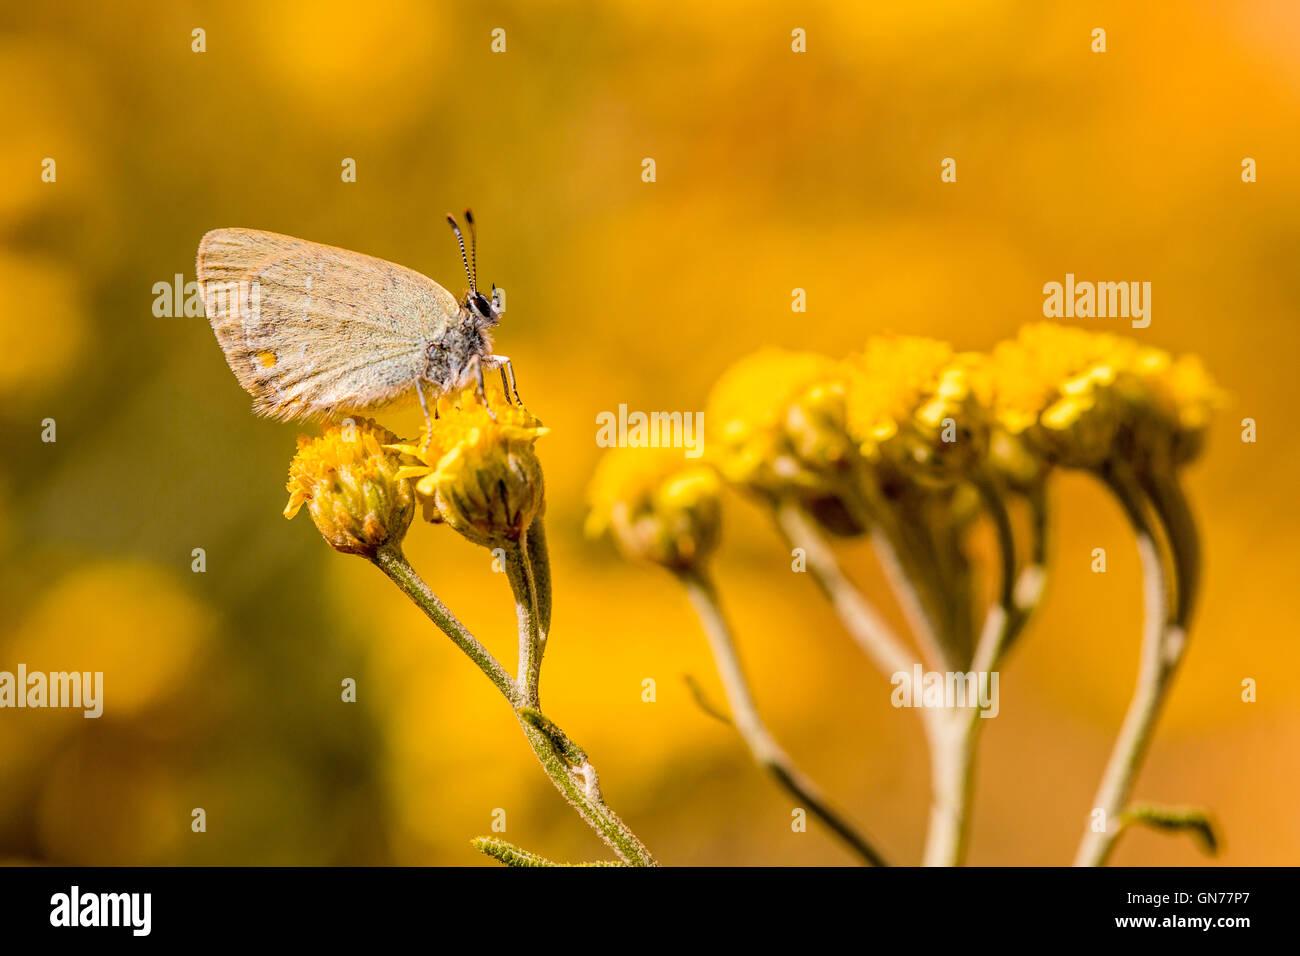 Los rebeldes (Satyrium Hairstreak myrtale) es una mariposa de la familia Lycaenidae. Fotografiado en Israel en junio Foto de stock